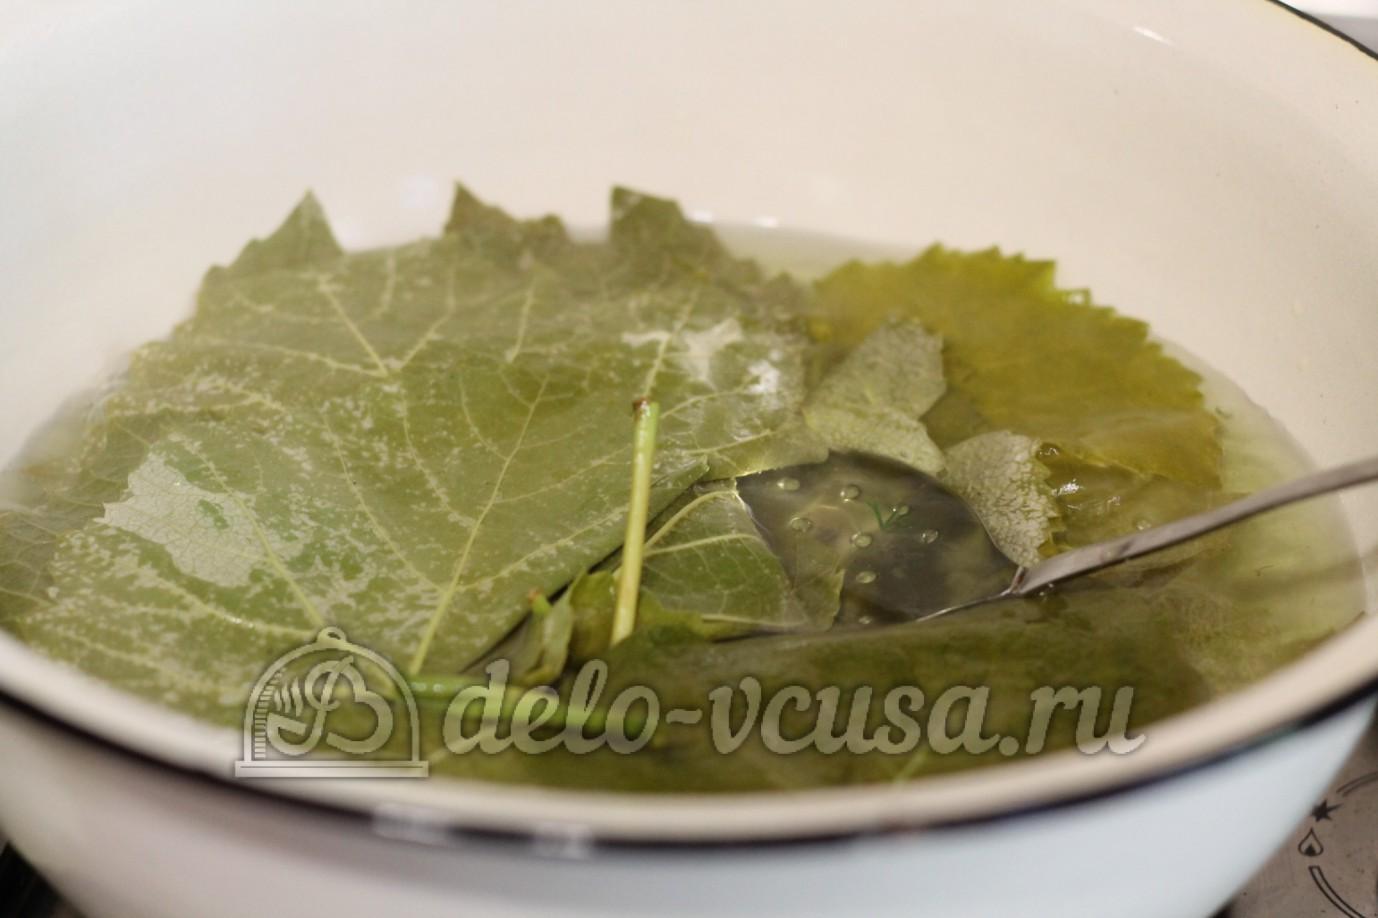 Долма в виноградных листьях рецепт пошагово в мультиварке